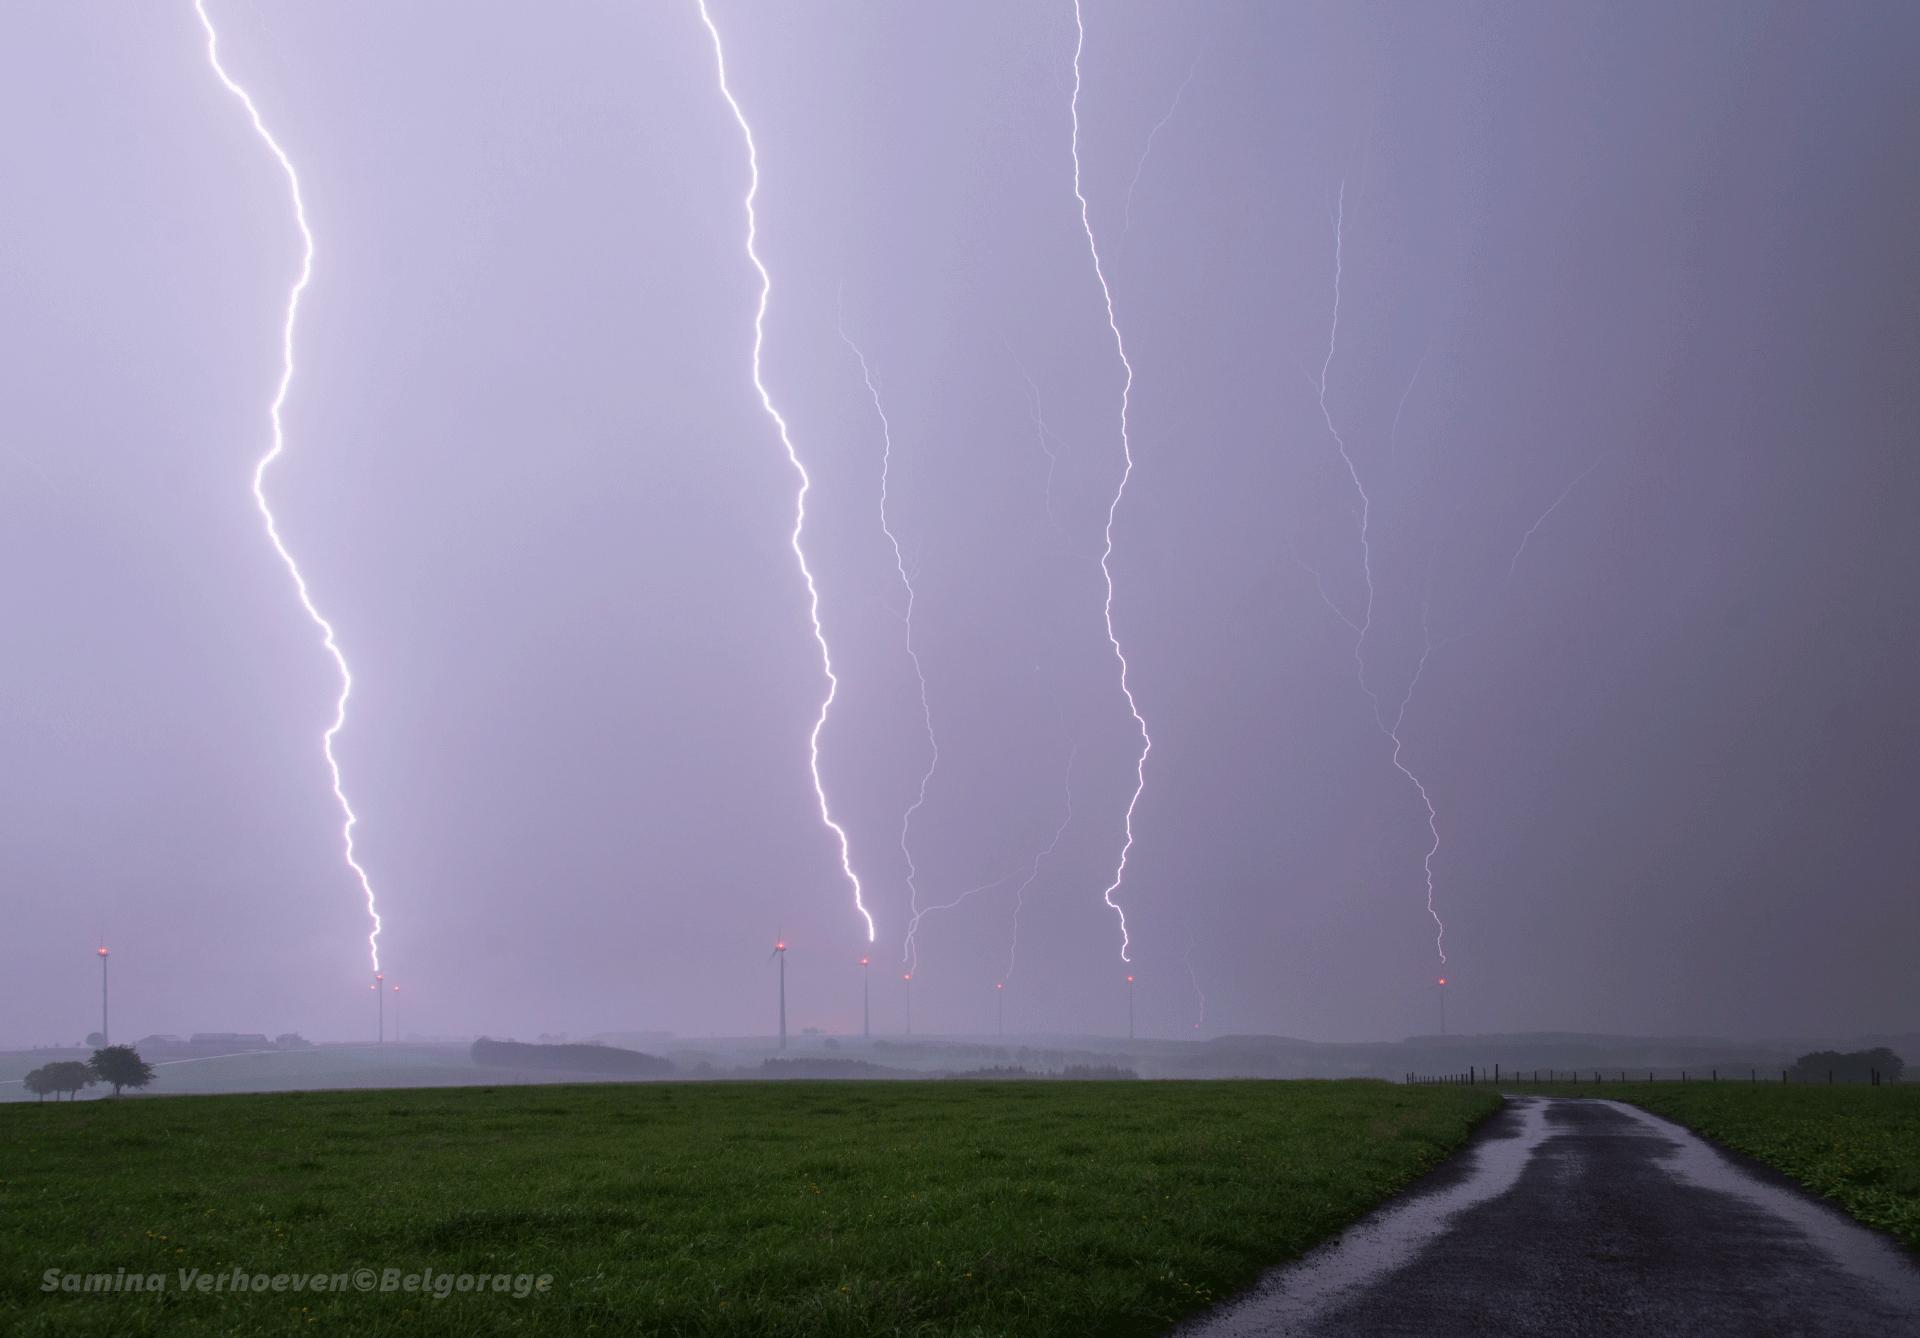 Série de coups de foudre ayant simultanément frappé un ensemble d'éoliennes dans la région de Heiderscheid au Grand-Duché de Luxembourg, le 29 avril 2018 à 23h23. Crédit photo : Samina Verhoeven